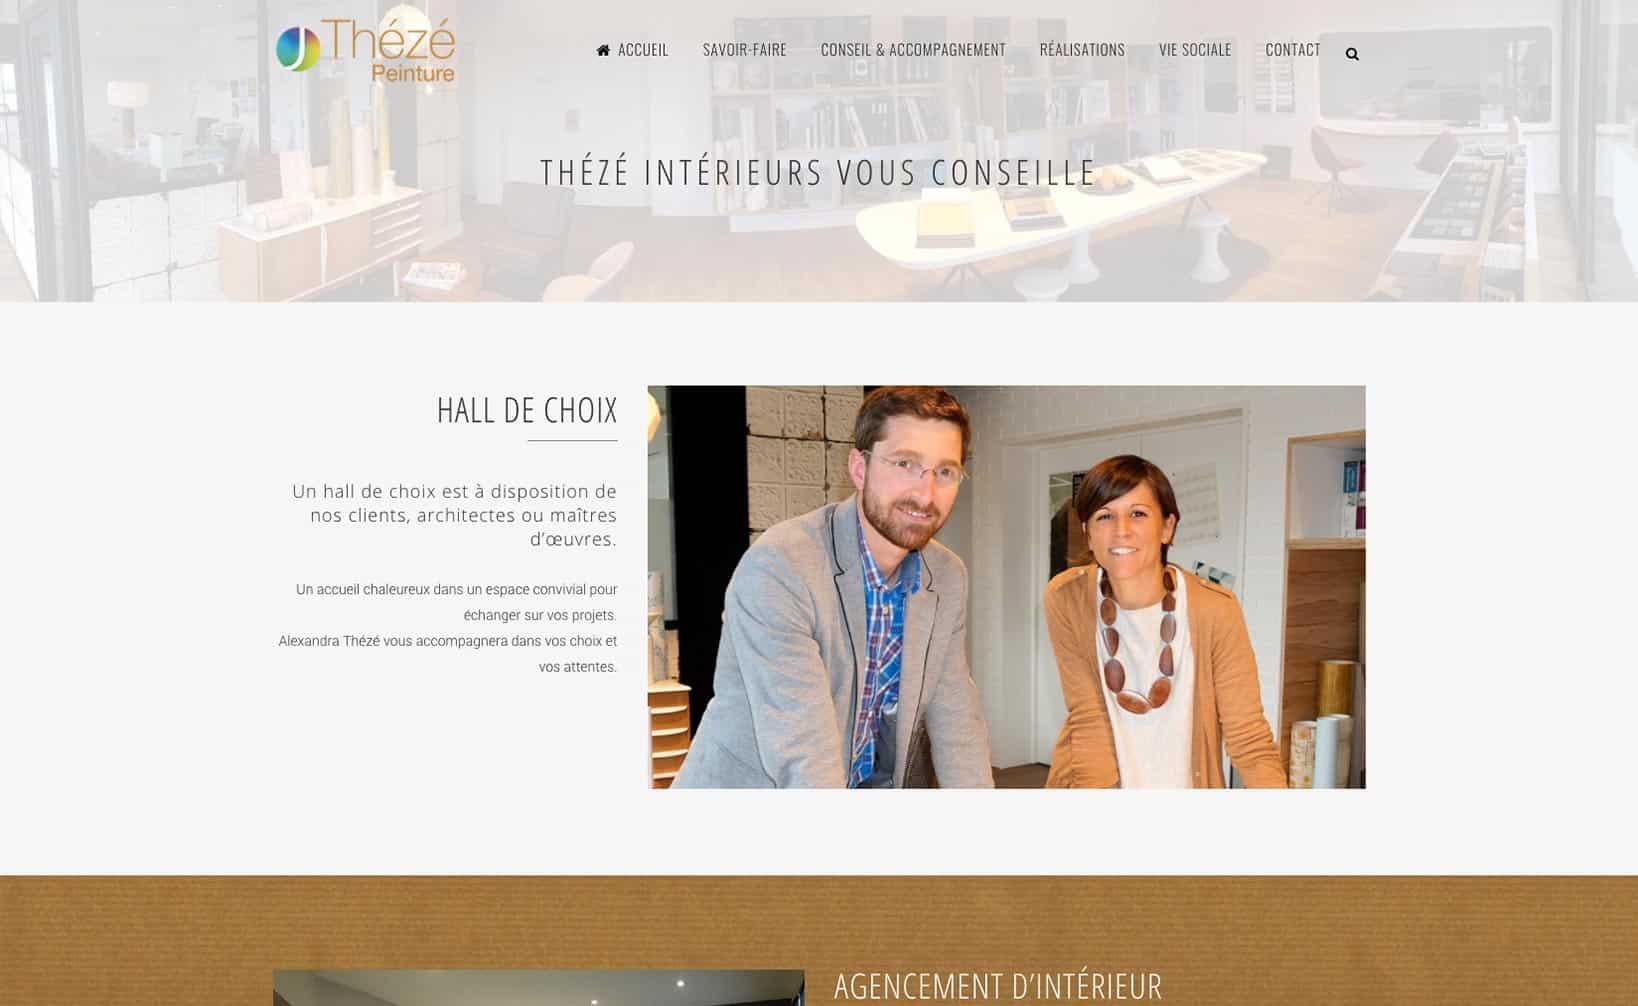 Site web Thézé Peinture - vue desktop 3